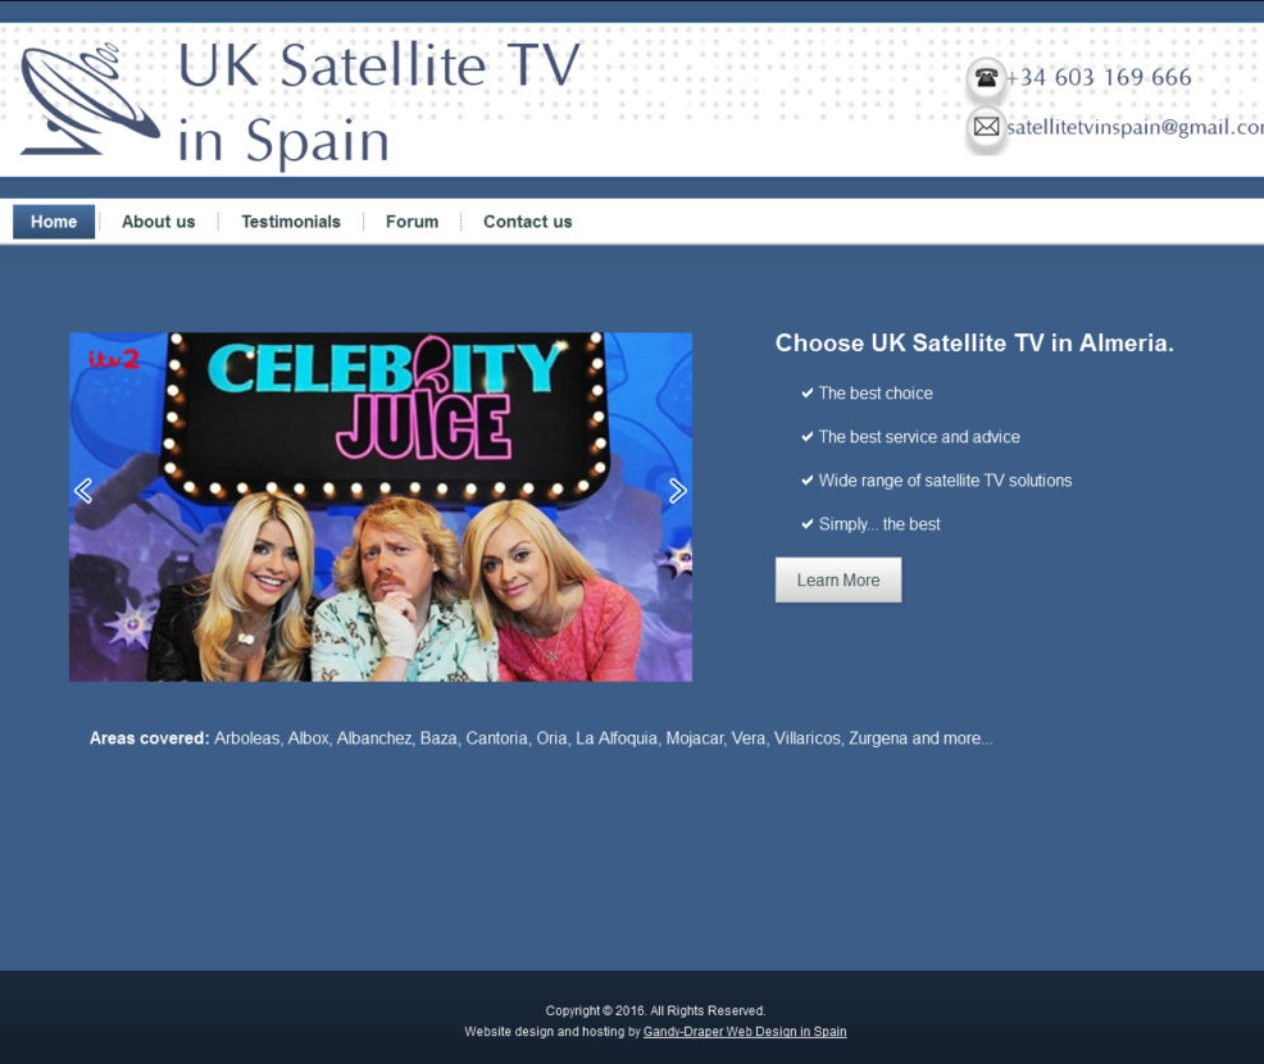 UK Satellite TV in Spain